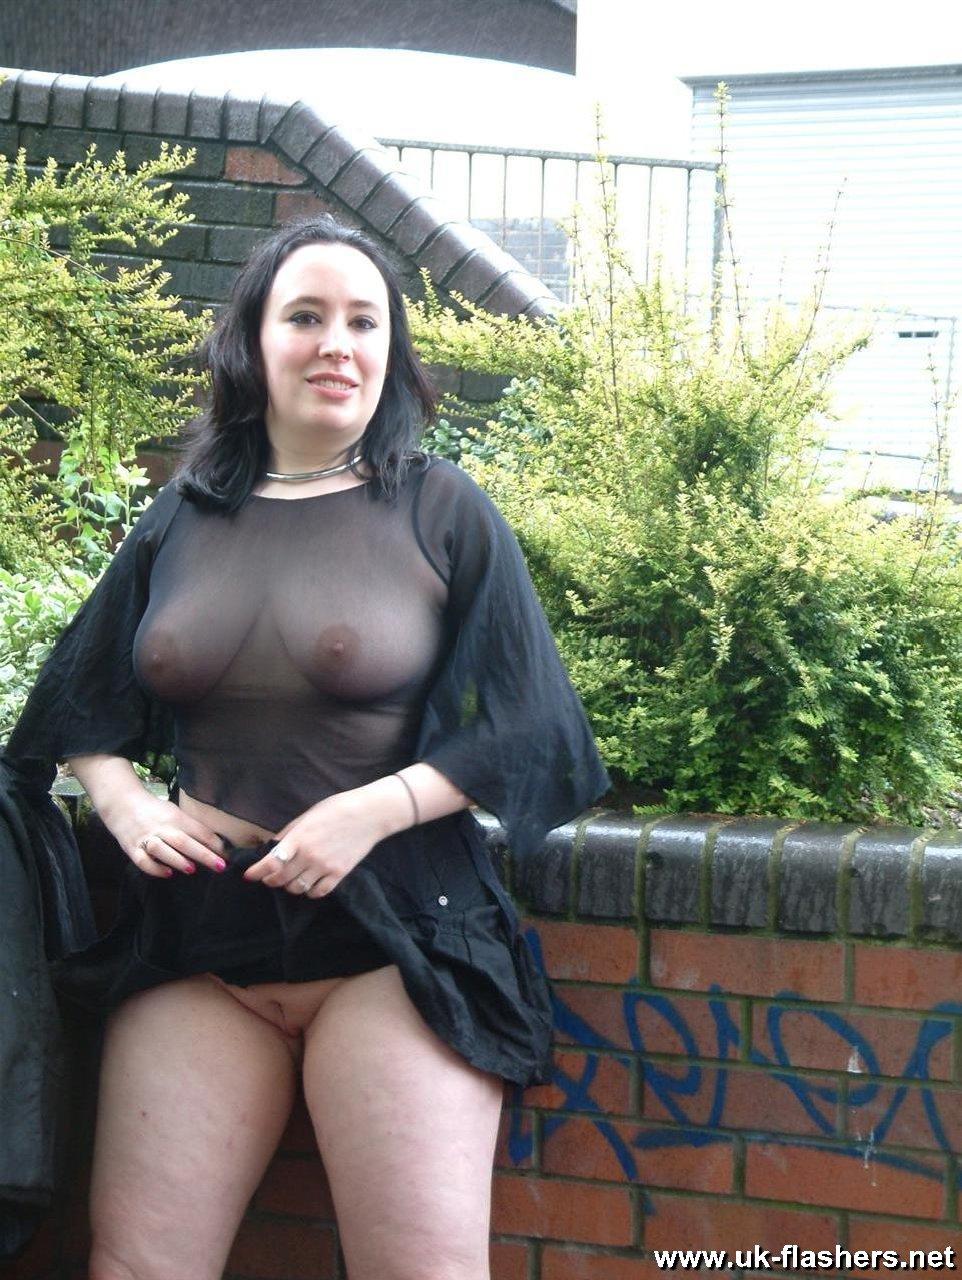 Nude fat girl in public